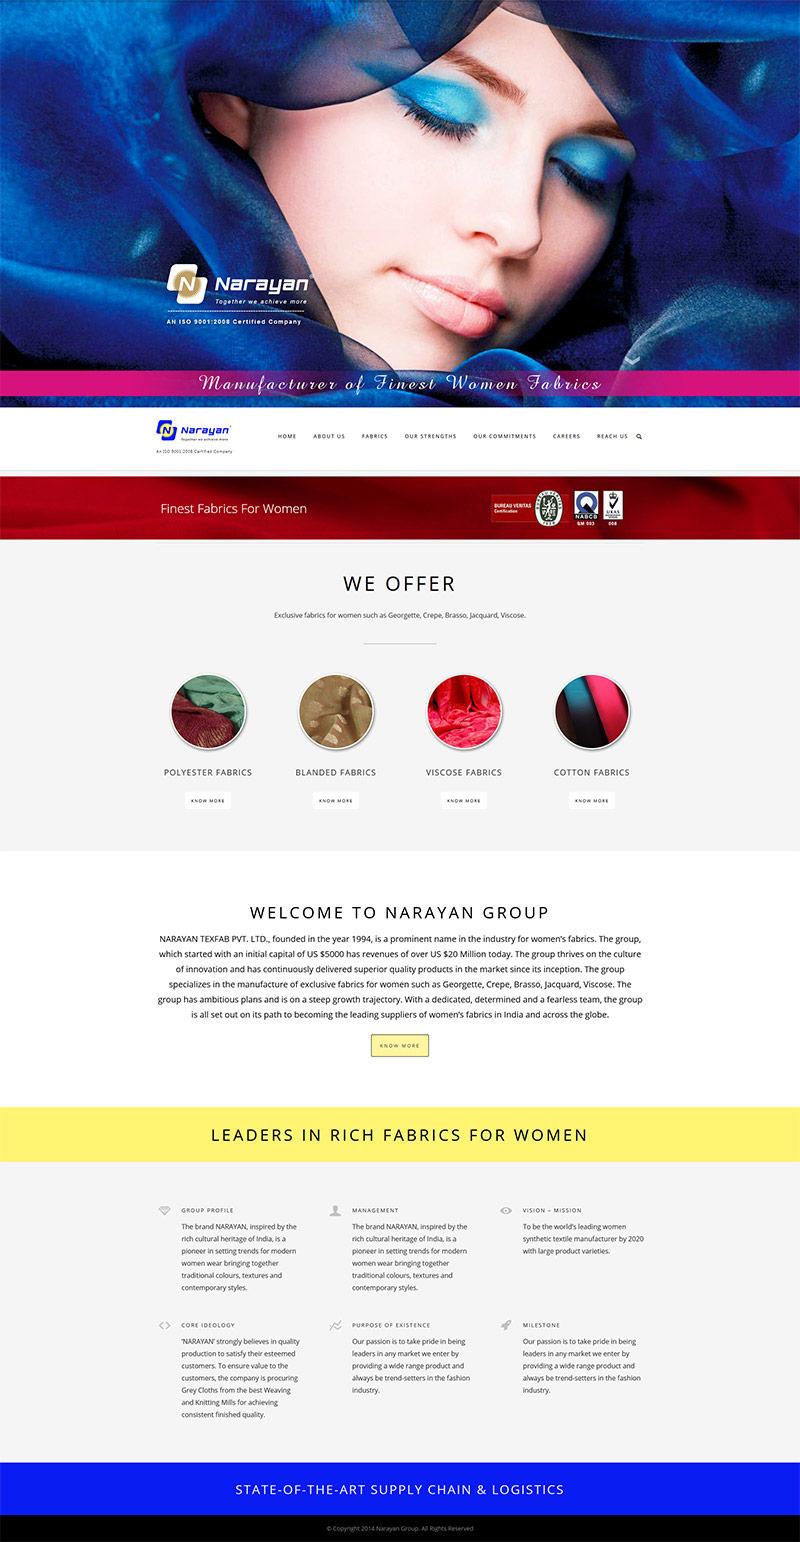 Narayan Group